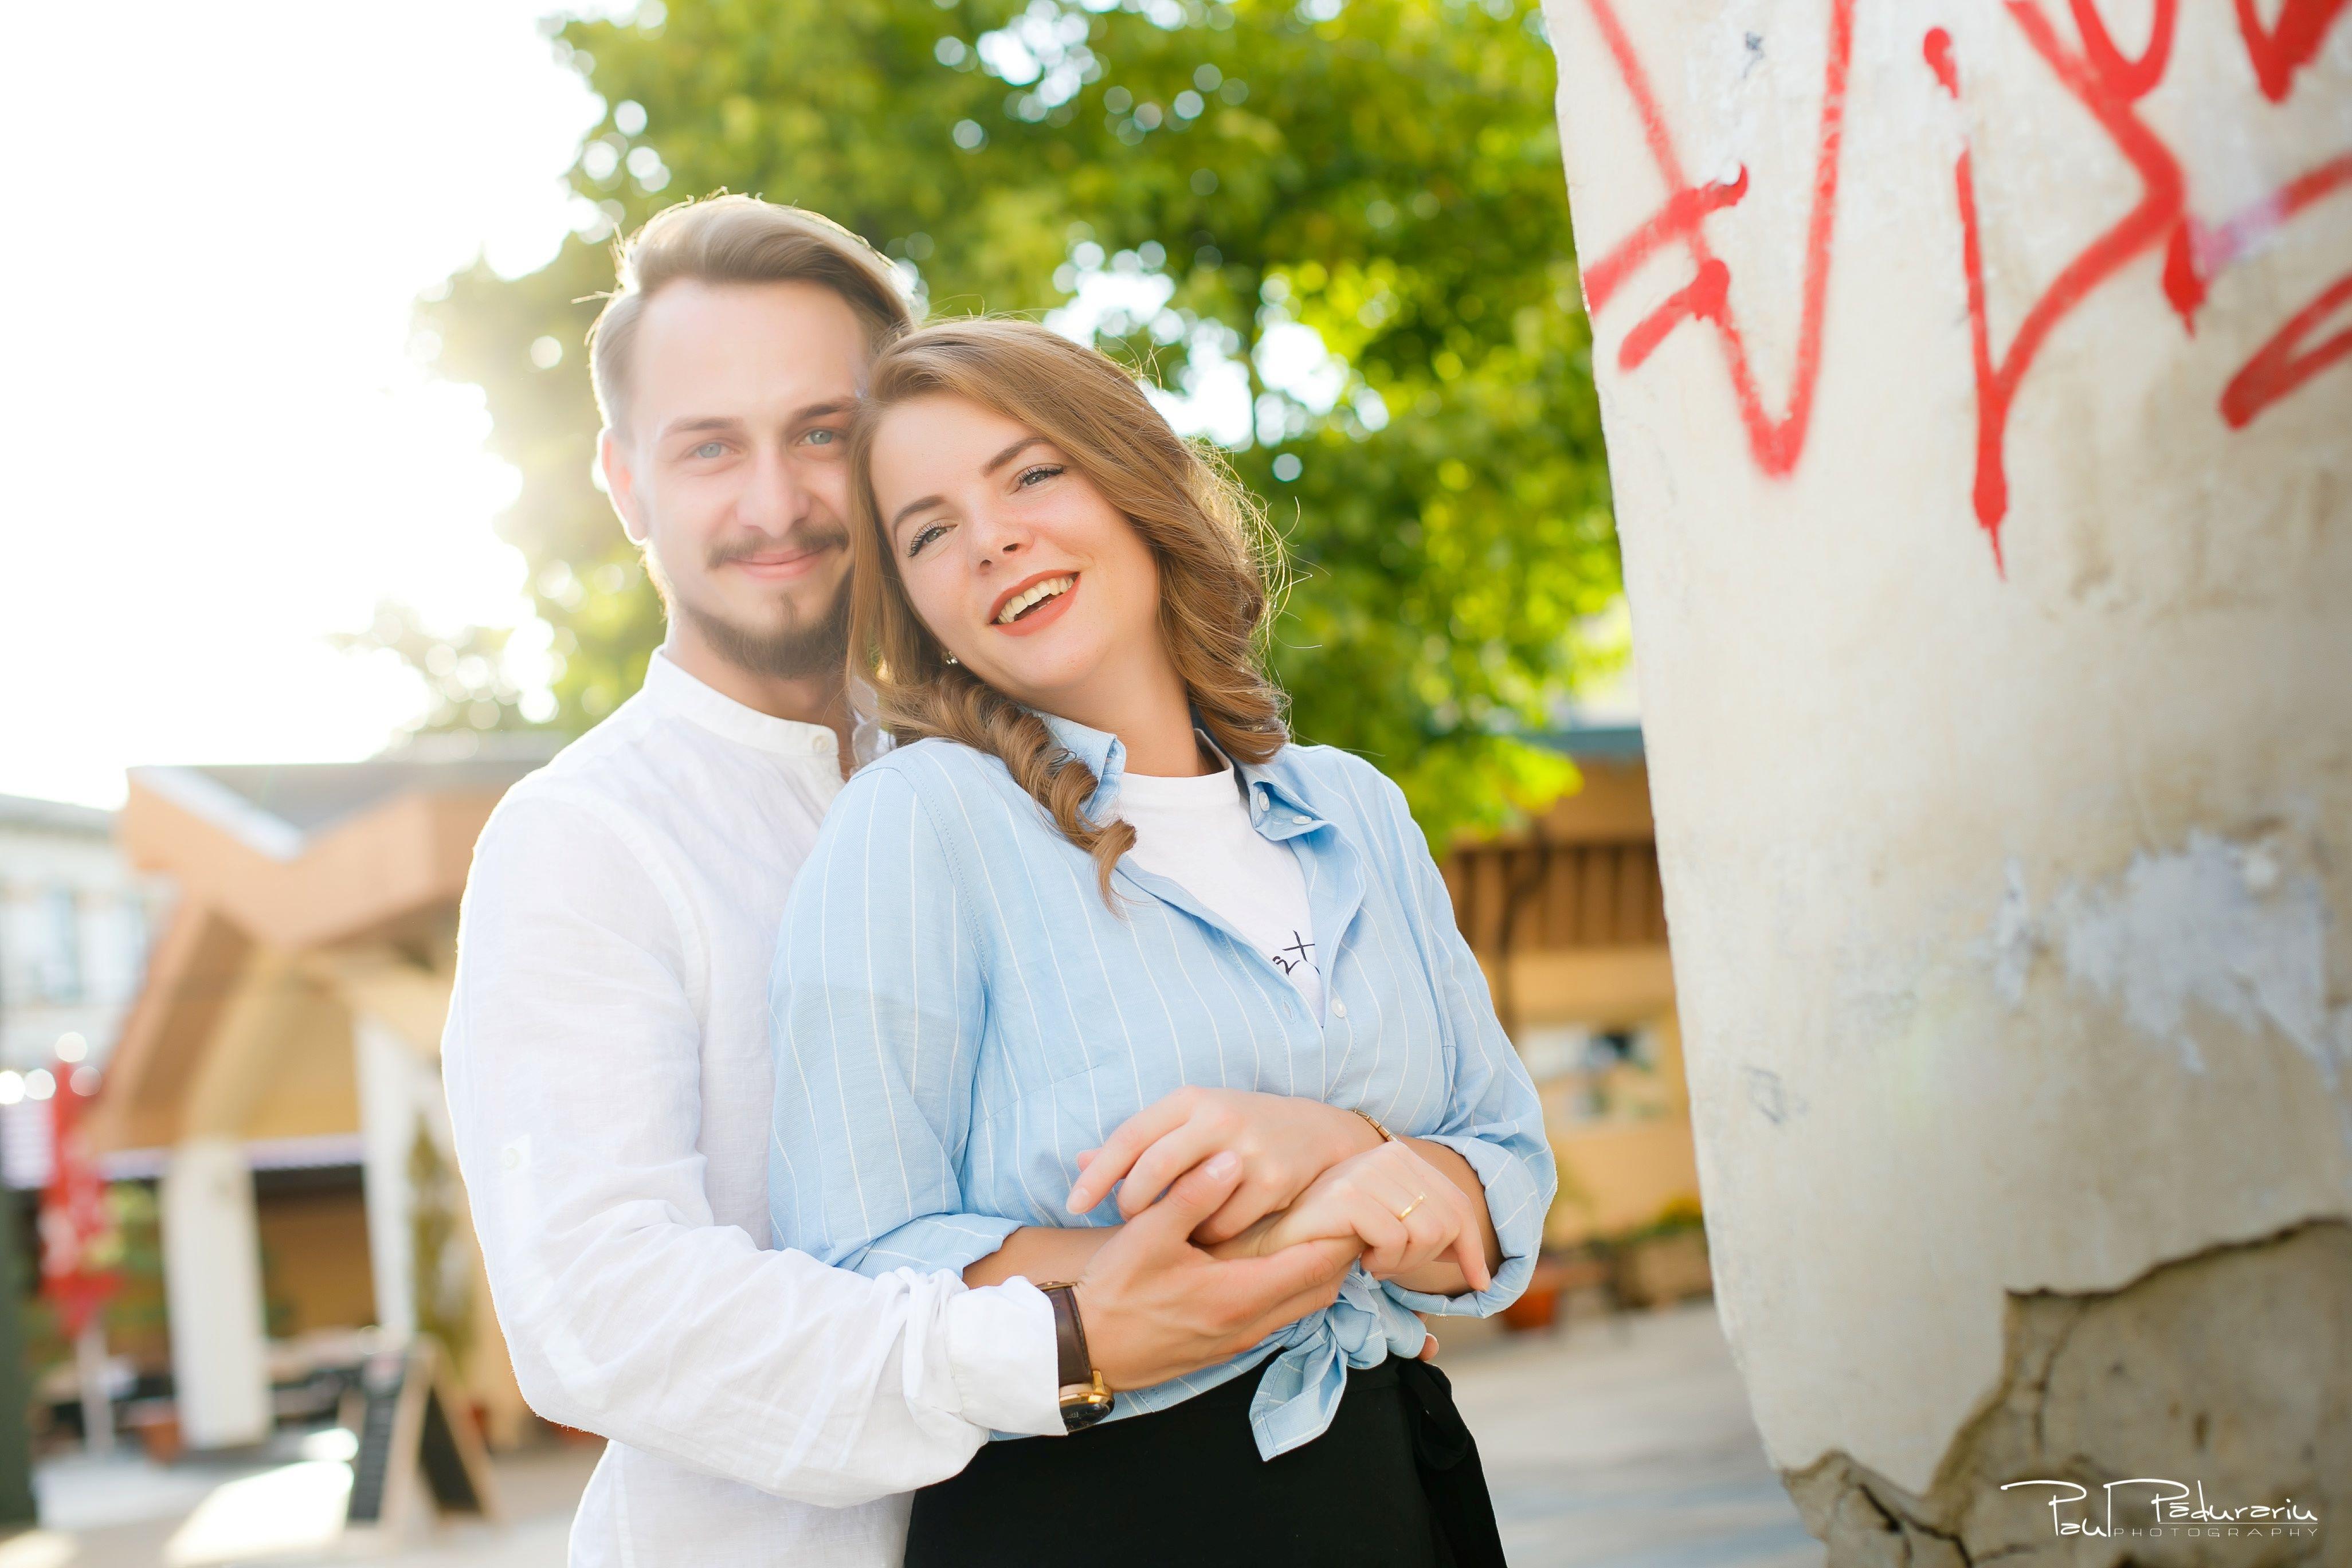 Sedinta foto logodna Marta Mihaita Iasi 2019 - paul padurariu fotograf 5